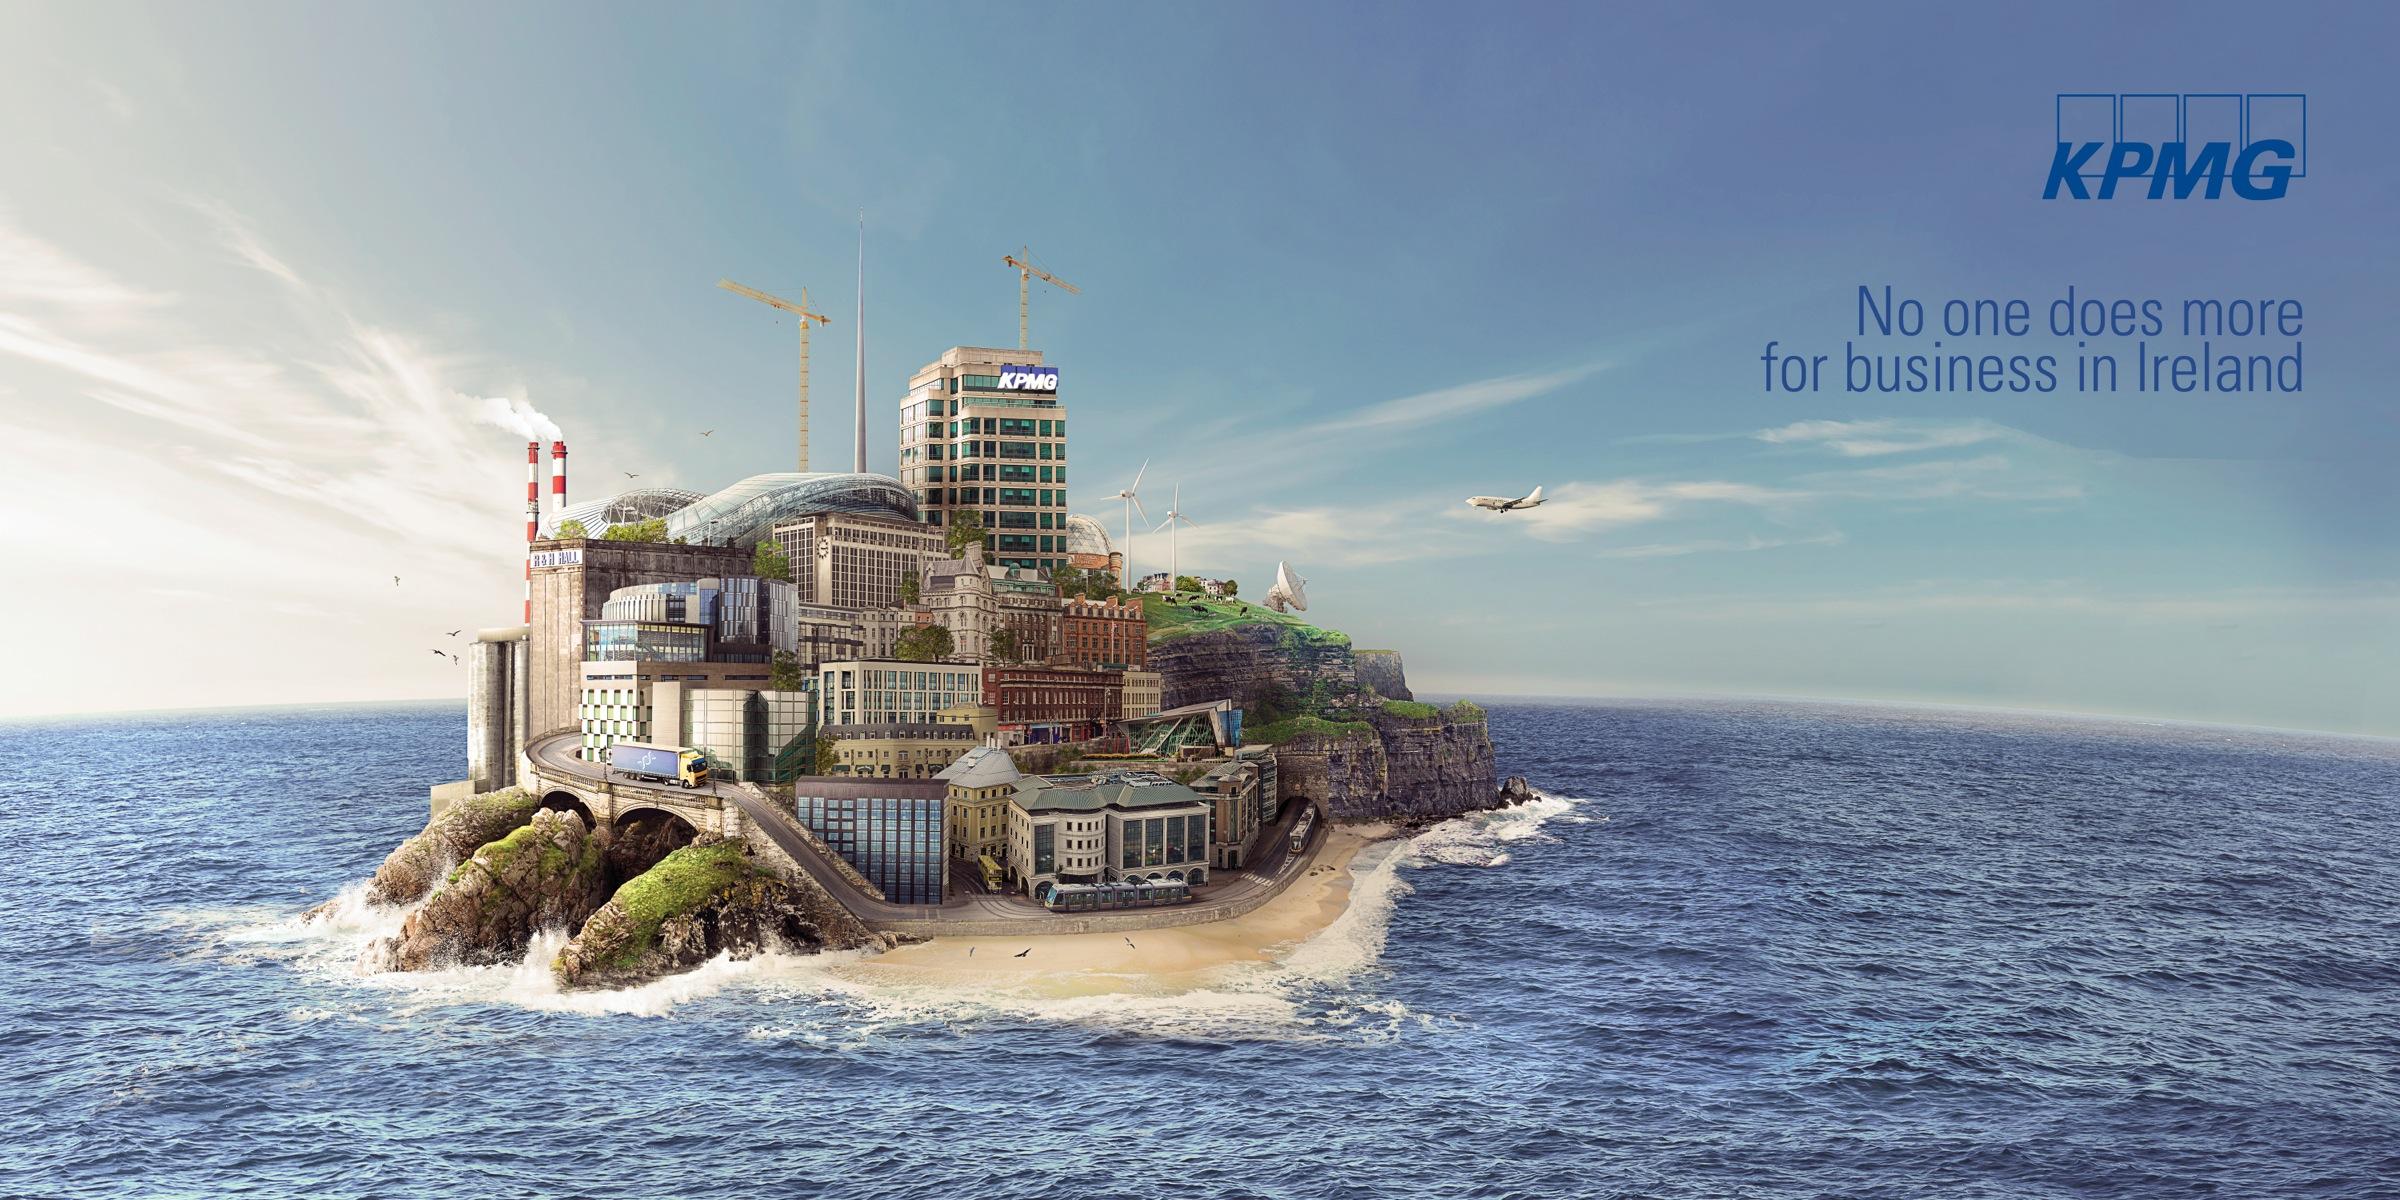 kpmg-island-print-381981-adeevee